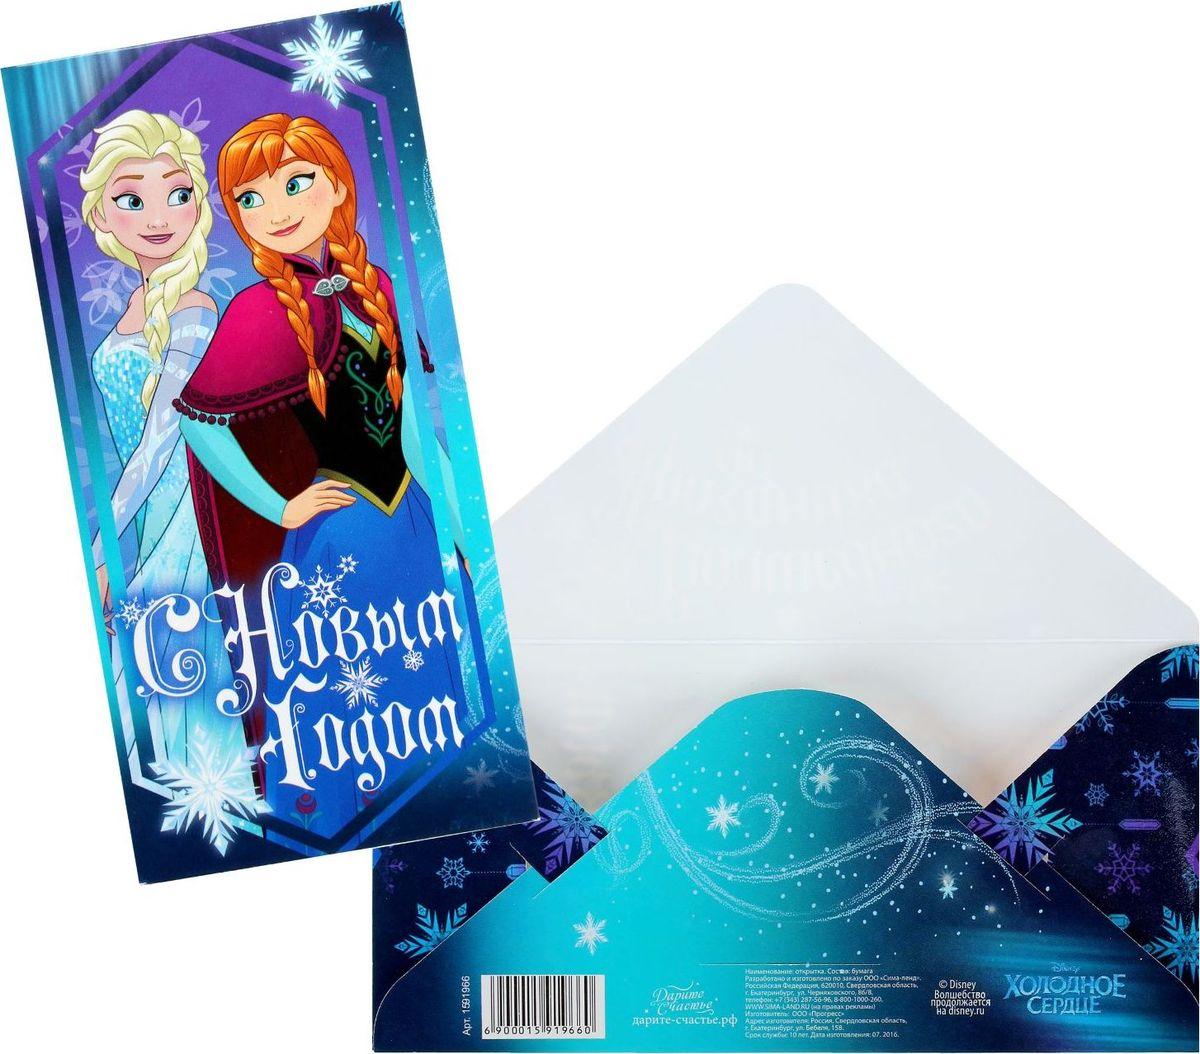 Конверт для денег Disney Волшебного праздника. Холодное сердце, 16,5 х 8 см1591966Дарите радость вместе с Disney! Кто не любит получать деньги в качестве подарка? Преподносить их, несомненно, не менее приятно. Купюры любого достоинства обязательно порадуют адресата, если они будут в такой упаковке. В конверт вы также можете положить подарочную карту или сертификат. Изделие изготовлено из картона.